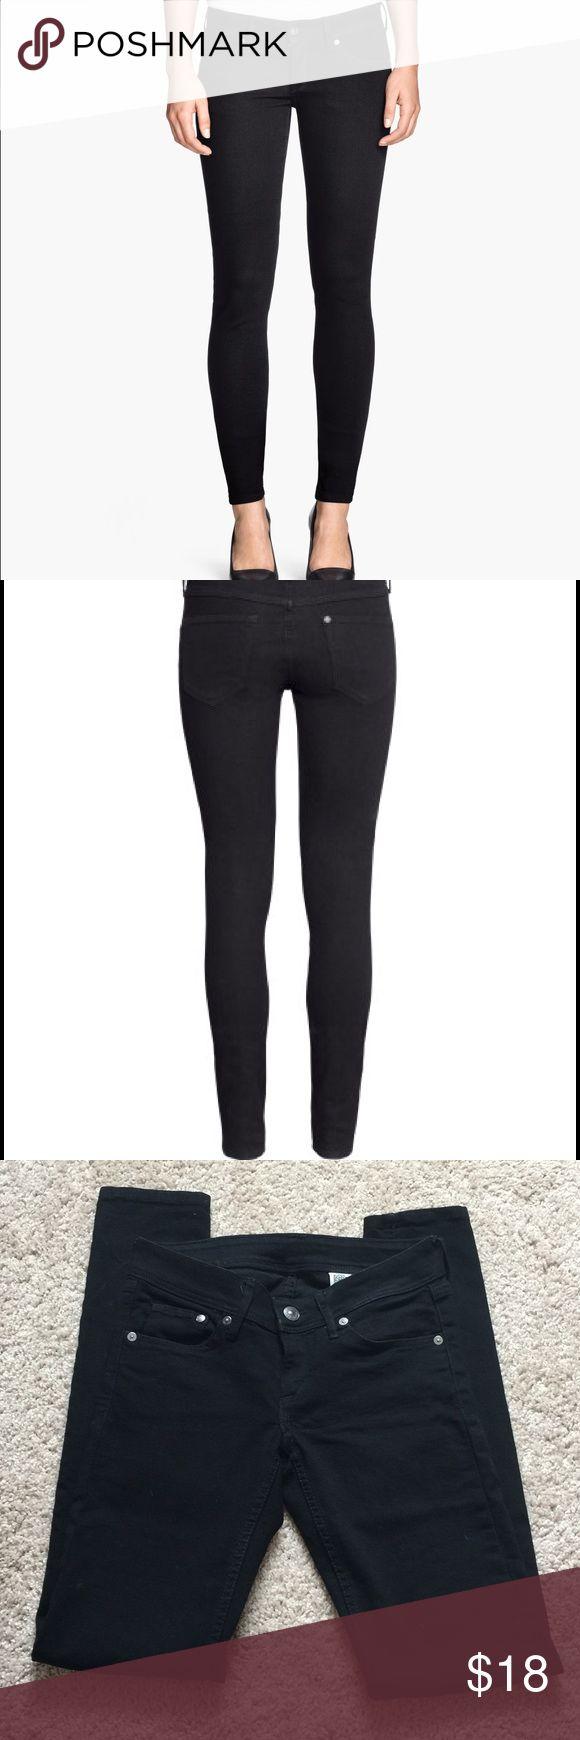 nwot super skinny super low black jeans by h black. Black Bedroom Furniture Sets. Home Design Ideas